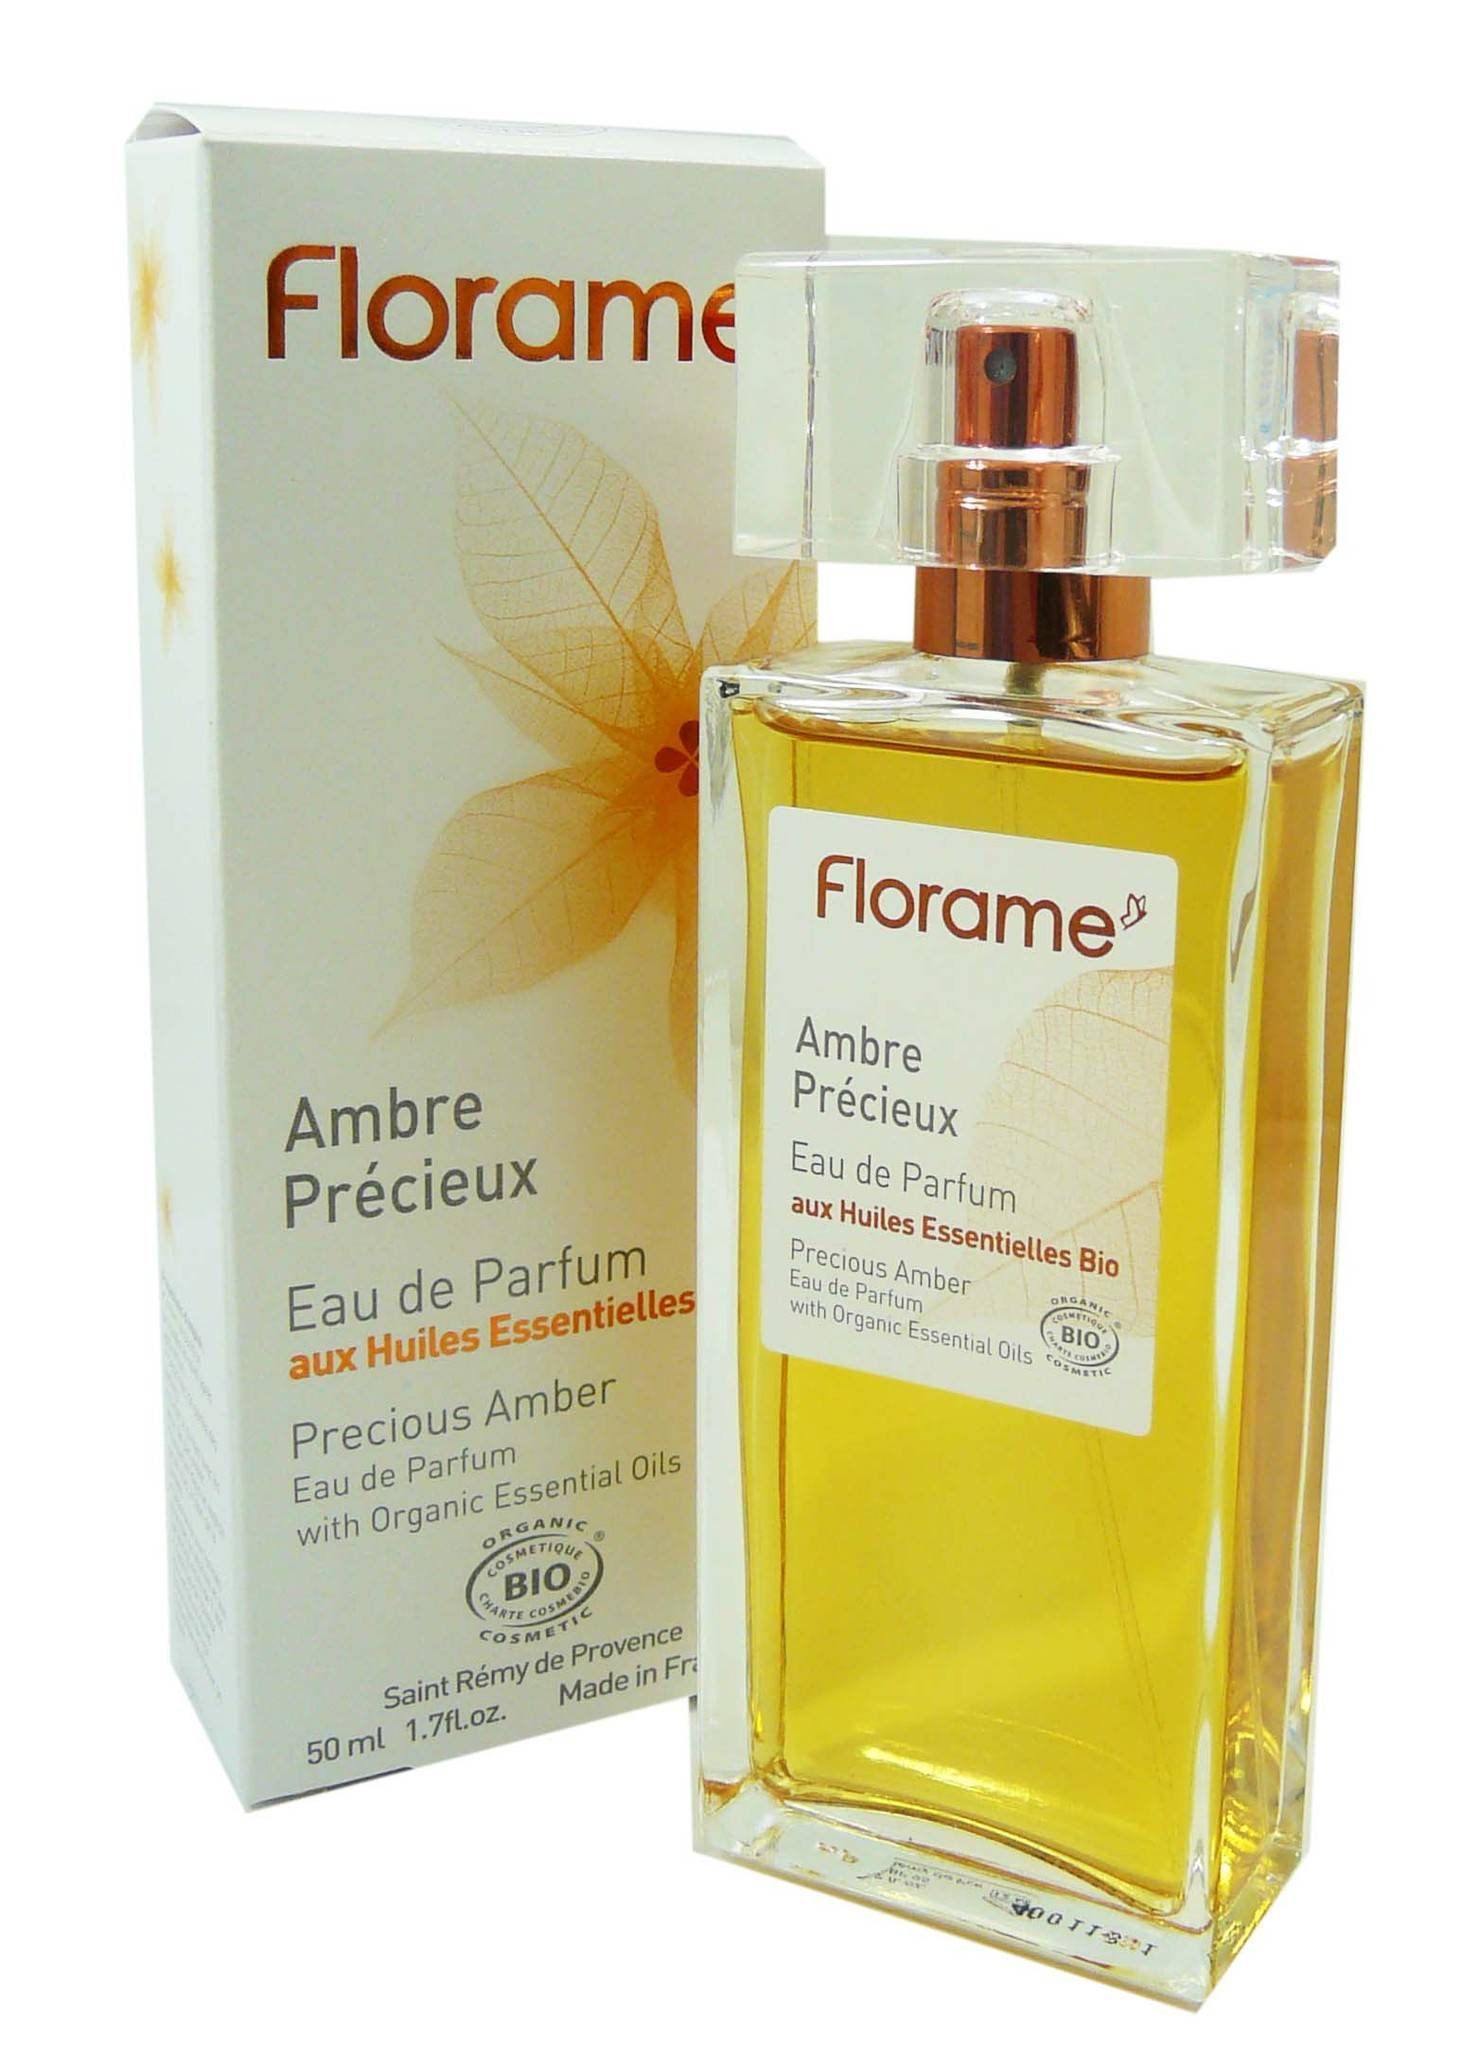 Florame eau de parfum ambre precieux 50ml